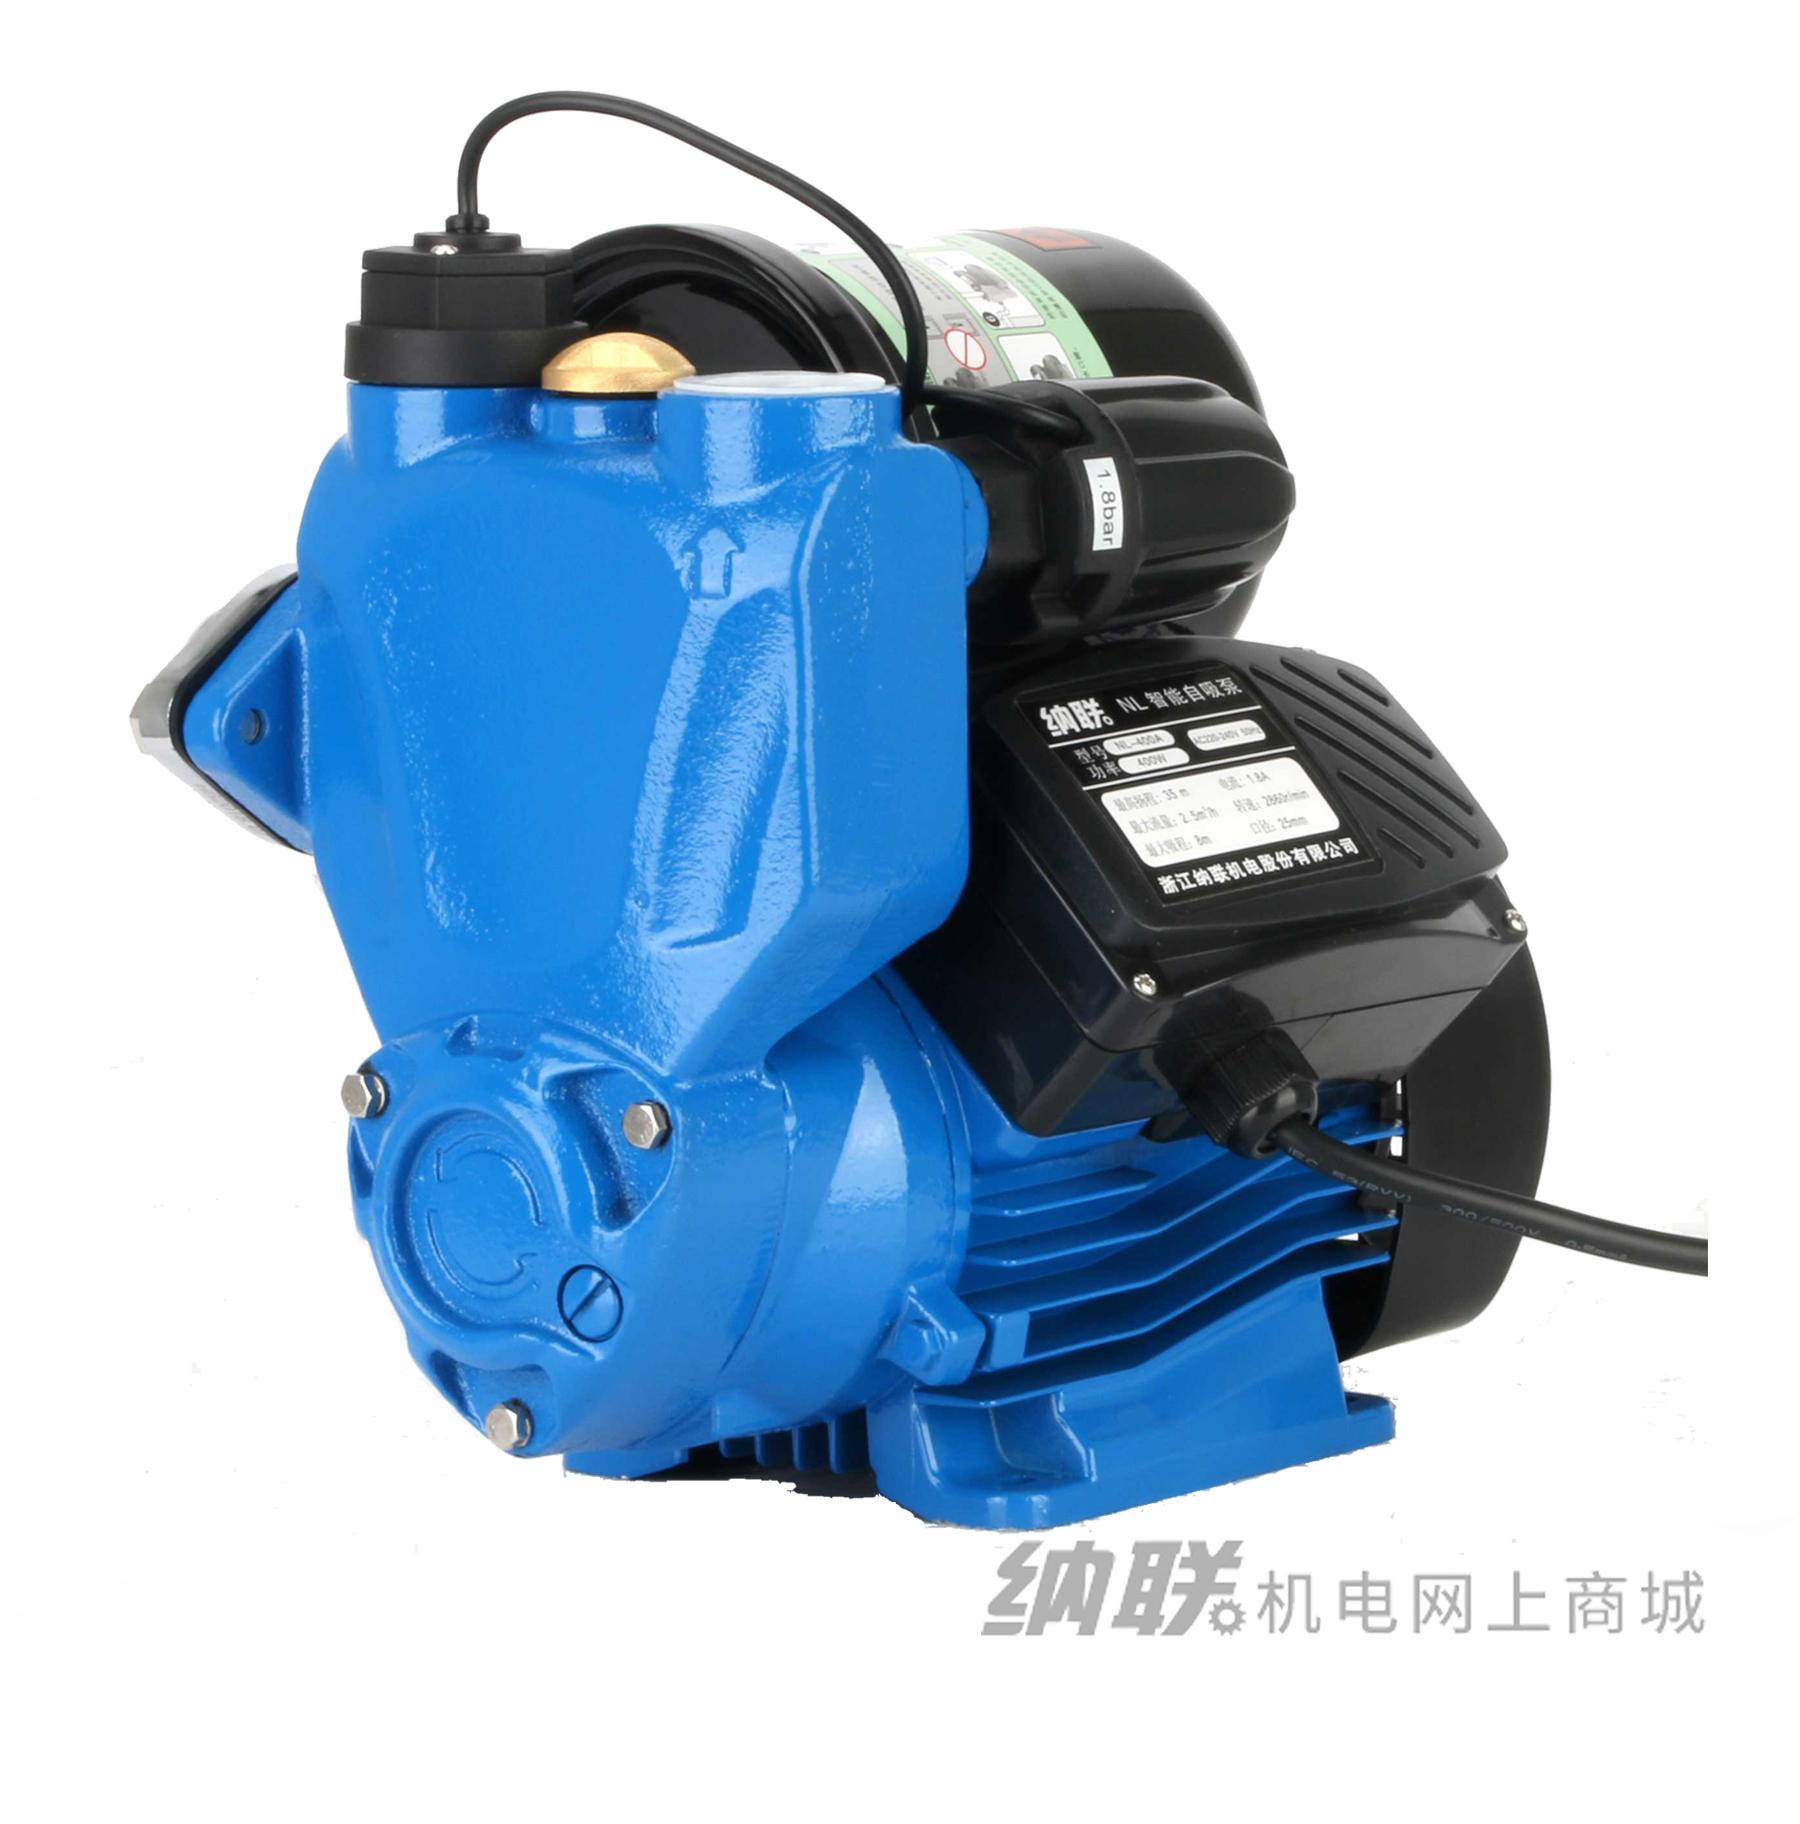 纳联机电 智能全自动自吸泵-NL70-600A